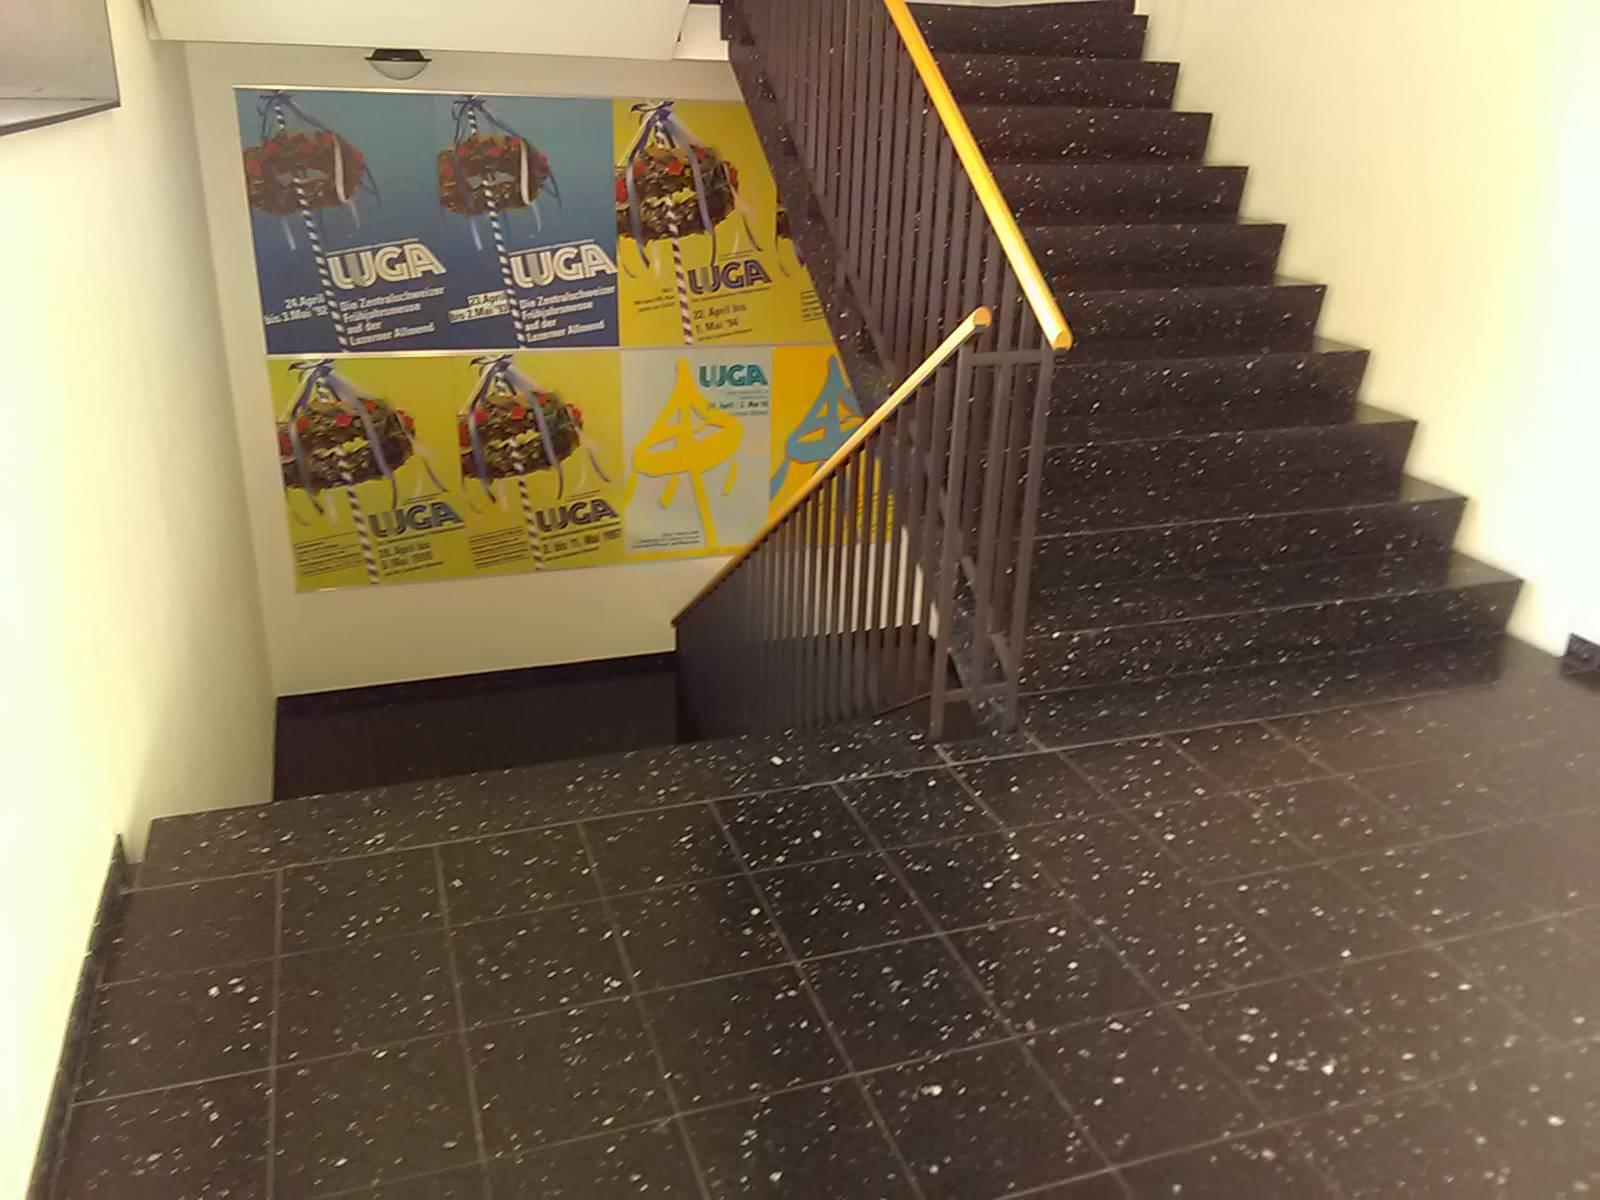 Treppen in einer Messe- und Veranstaltungshalle mit nur einseitigem Handlauf (Geländer). Beidseitig wäre notwendig